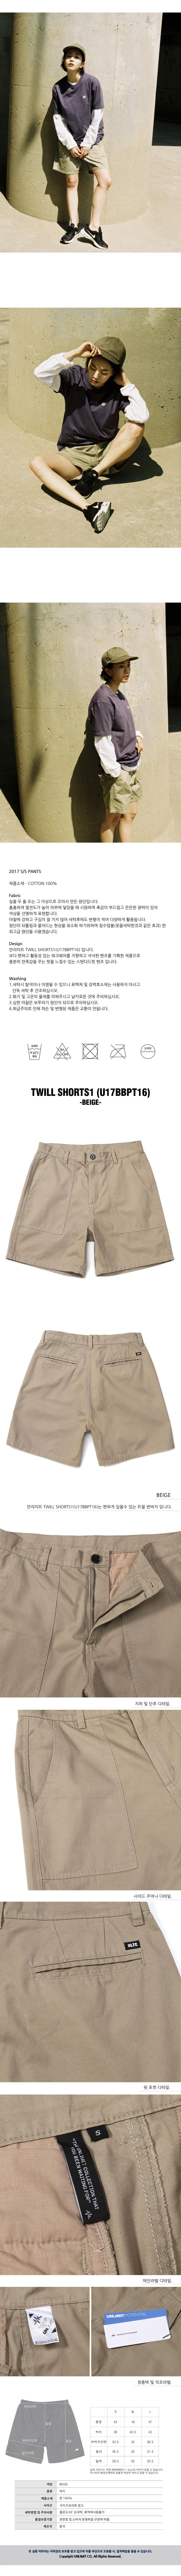 [언리미트] Twill Shorts 1 (U17BBPT16)